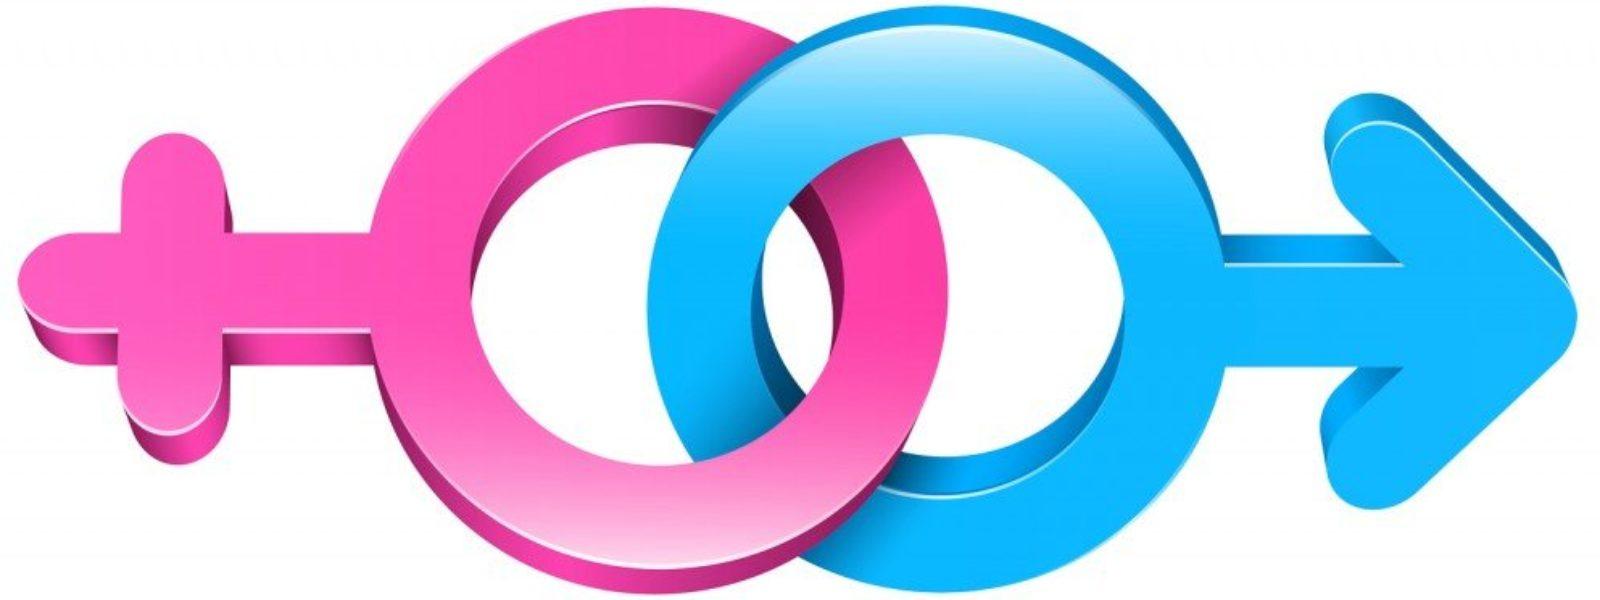 gender-image-1024x614-1600x600 Химийн нэгдэл дааварт нөлөөлж, хүмүүсийн бэлгийн чиг хандлагыг өөрчилдөг байж болзошгүй